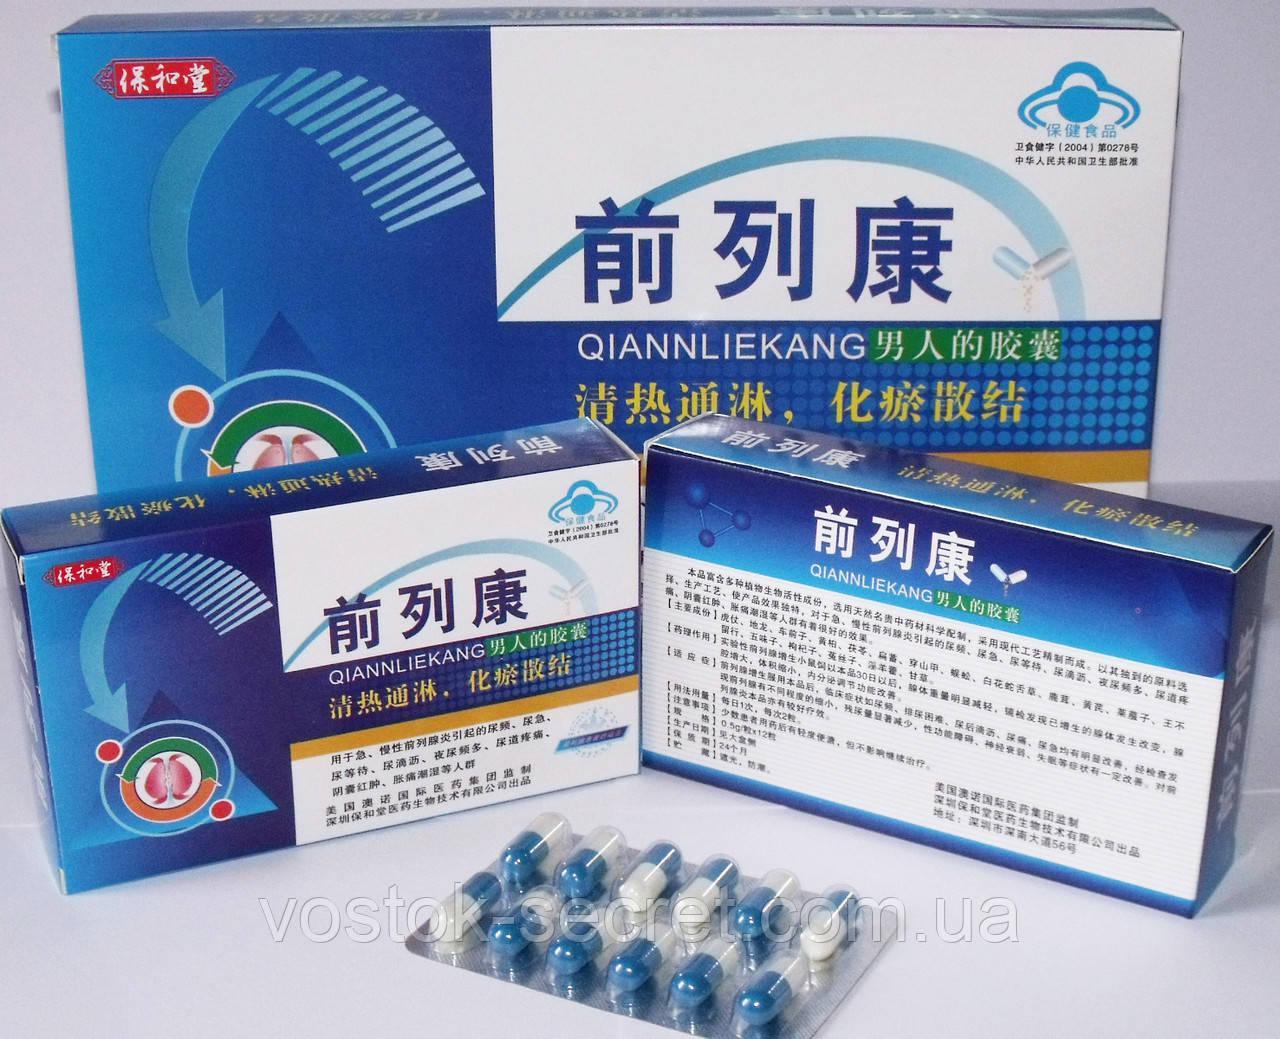 отзывы о лечении простатита в китае отзывы